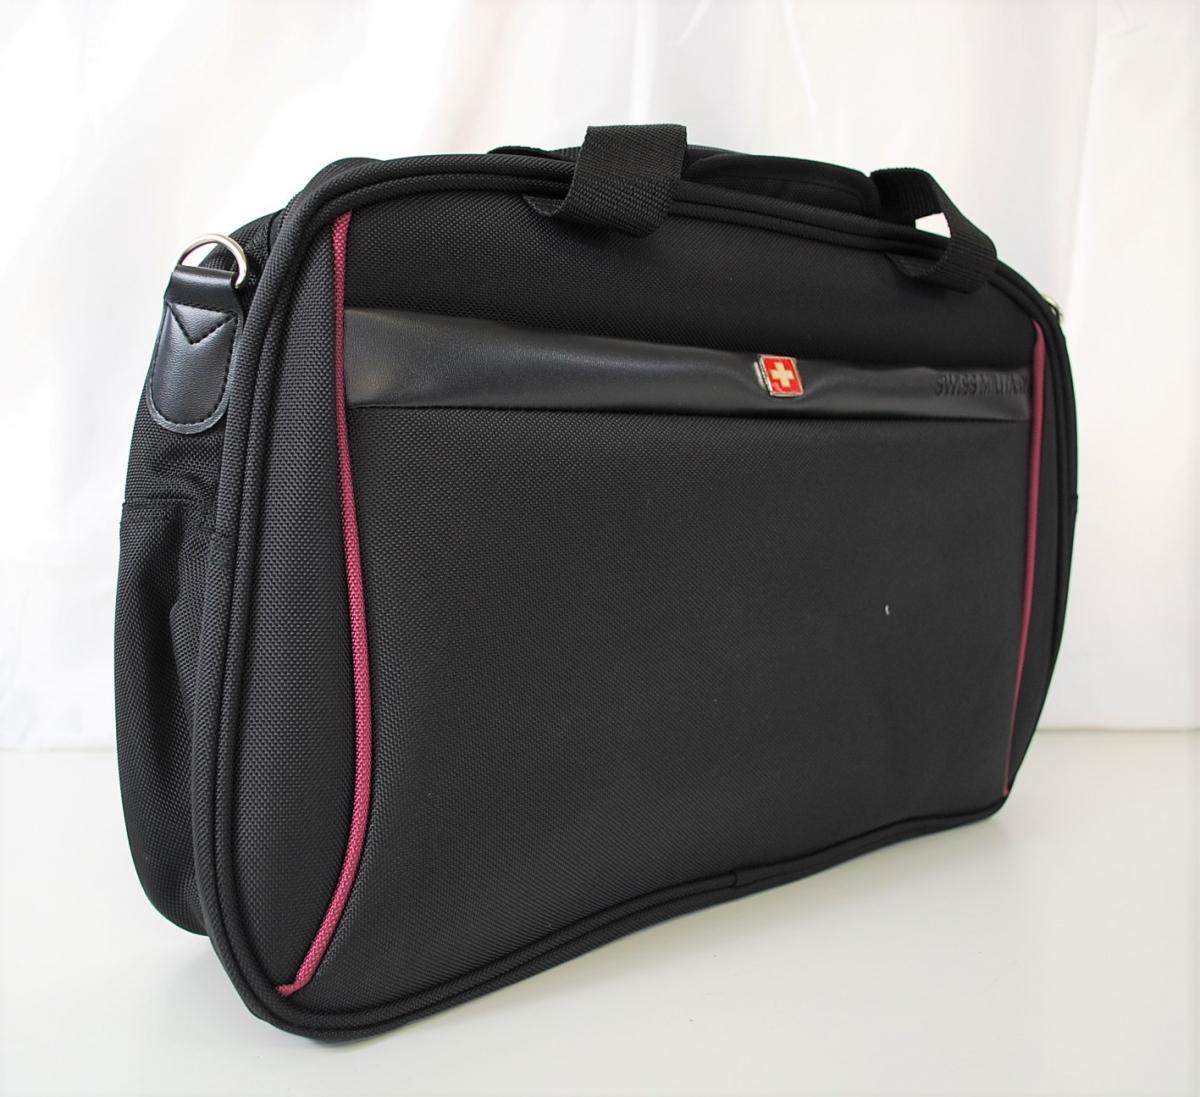 72PGN 【美品】 SWISS MILITARY スイスミリタリー スーツケース 5点セット ボストンバック パスポートバッグ ケースカバー ポリエステル_画像5